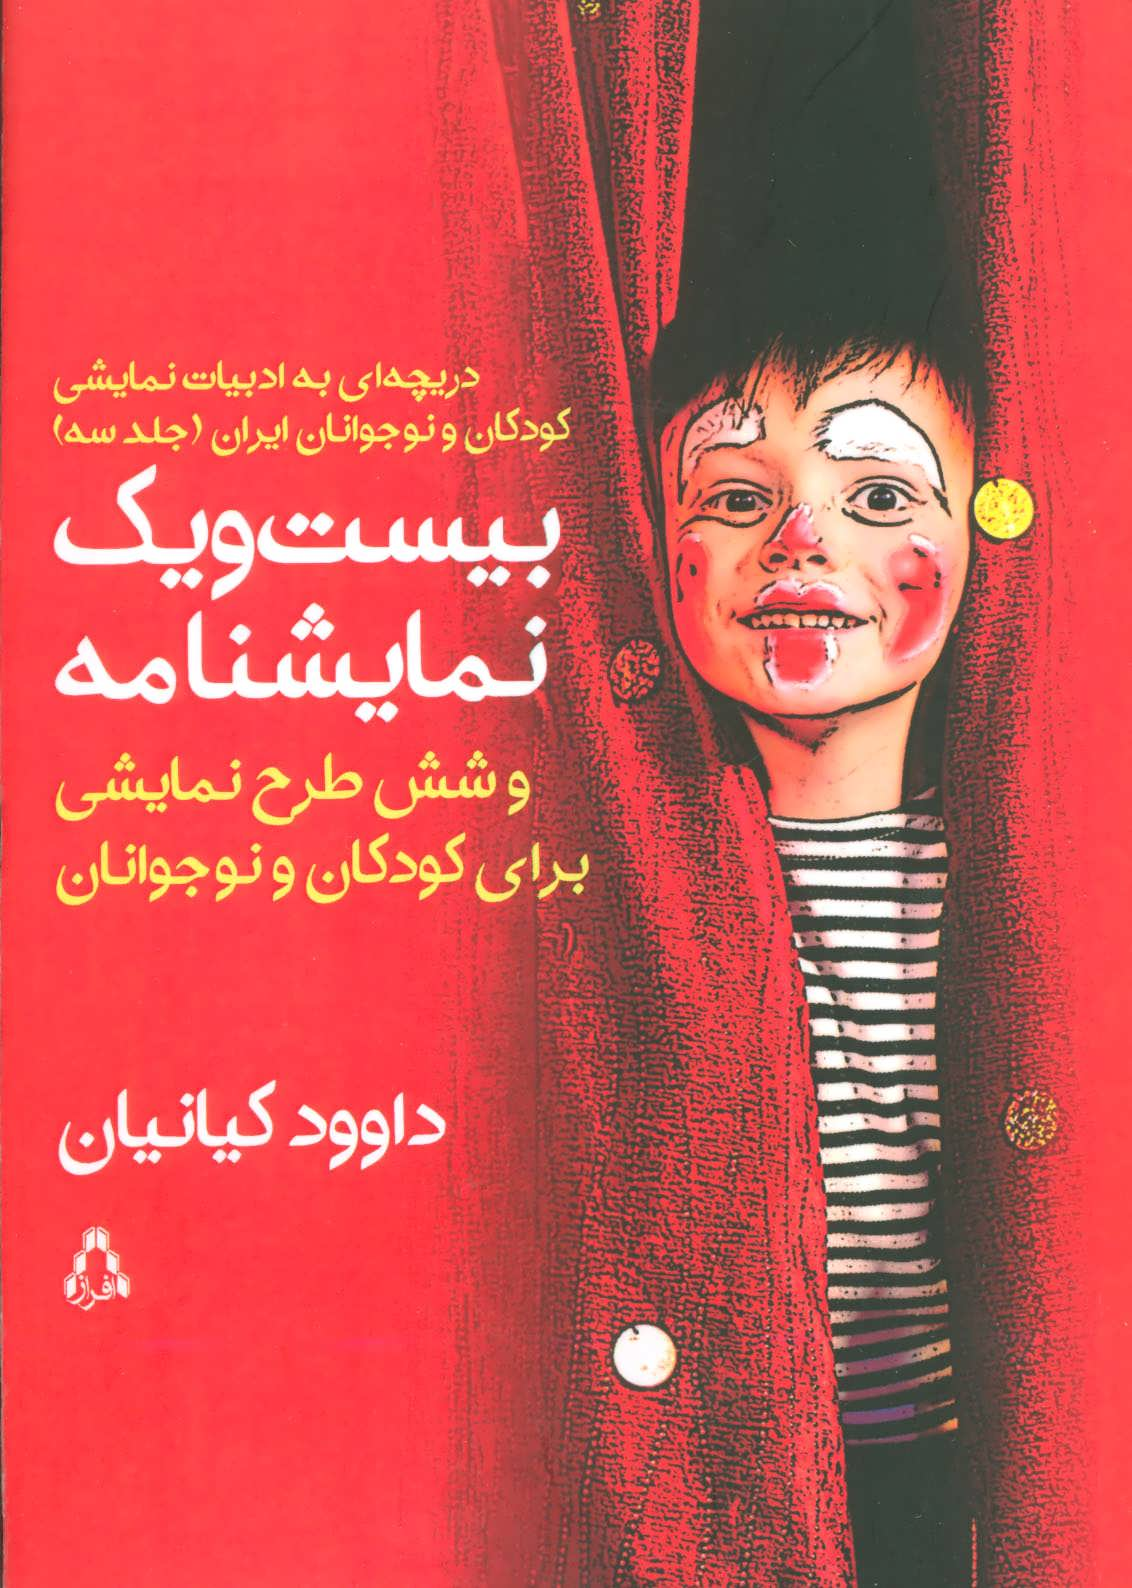 بیست و یک نمایشنامه و شش طرح نمایشی (دریچه ای به ادبیات نمایشی کودکان و نوجوانان ایران 3)